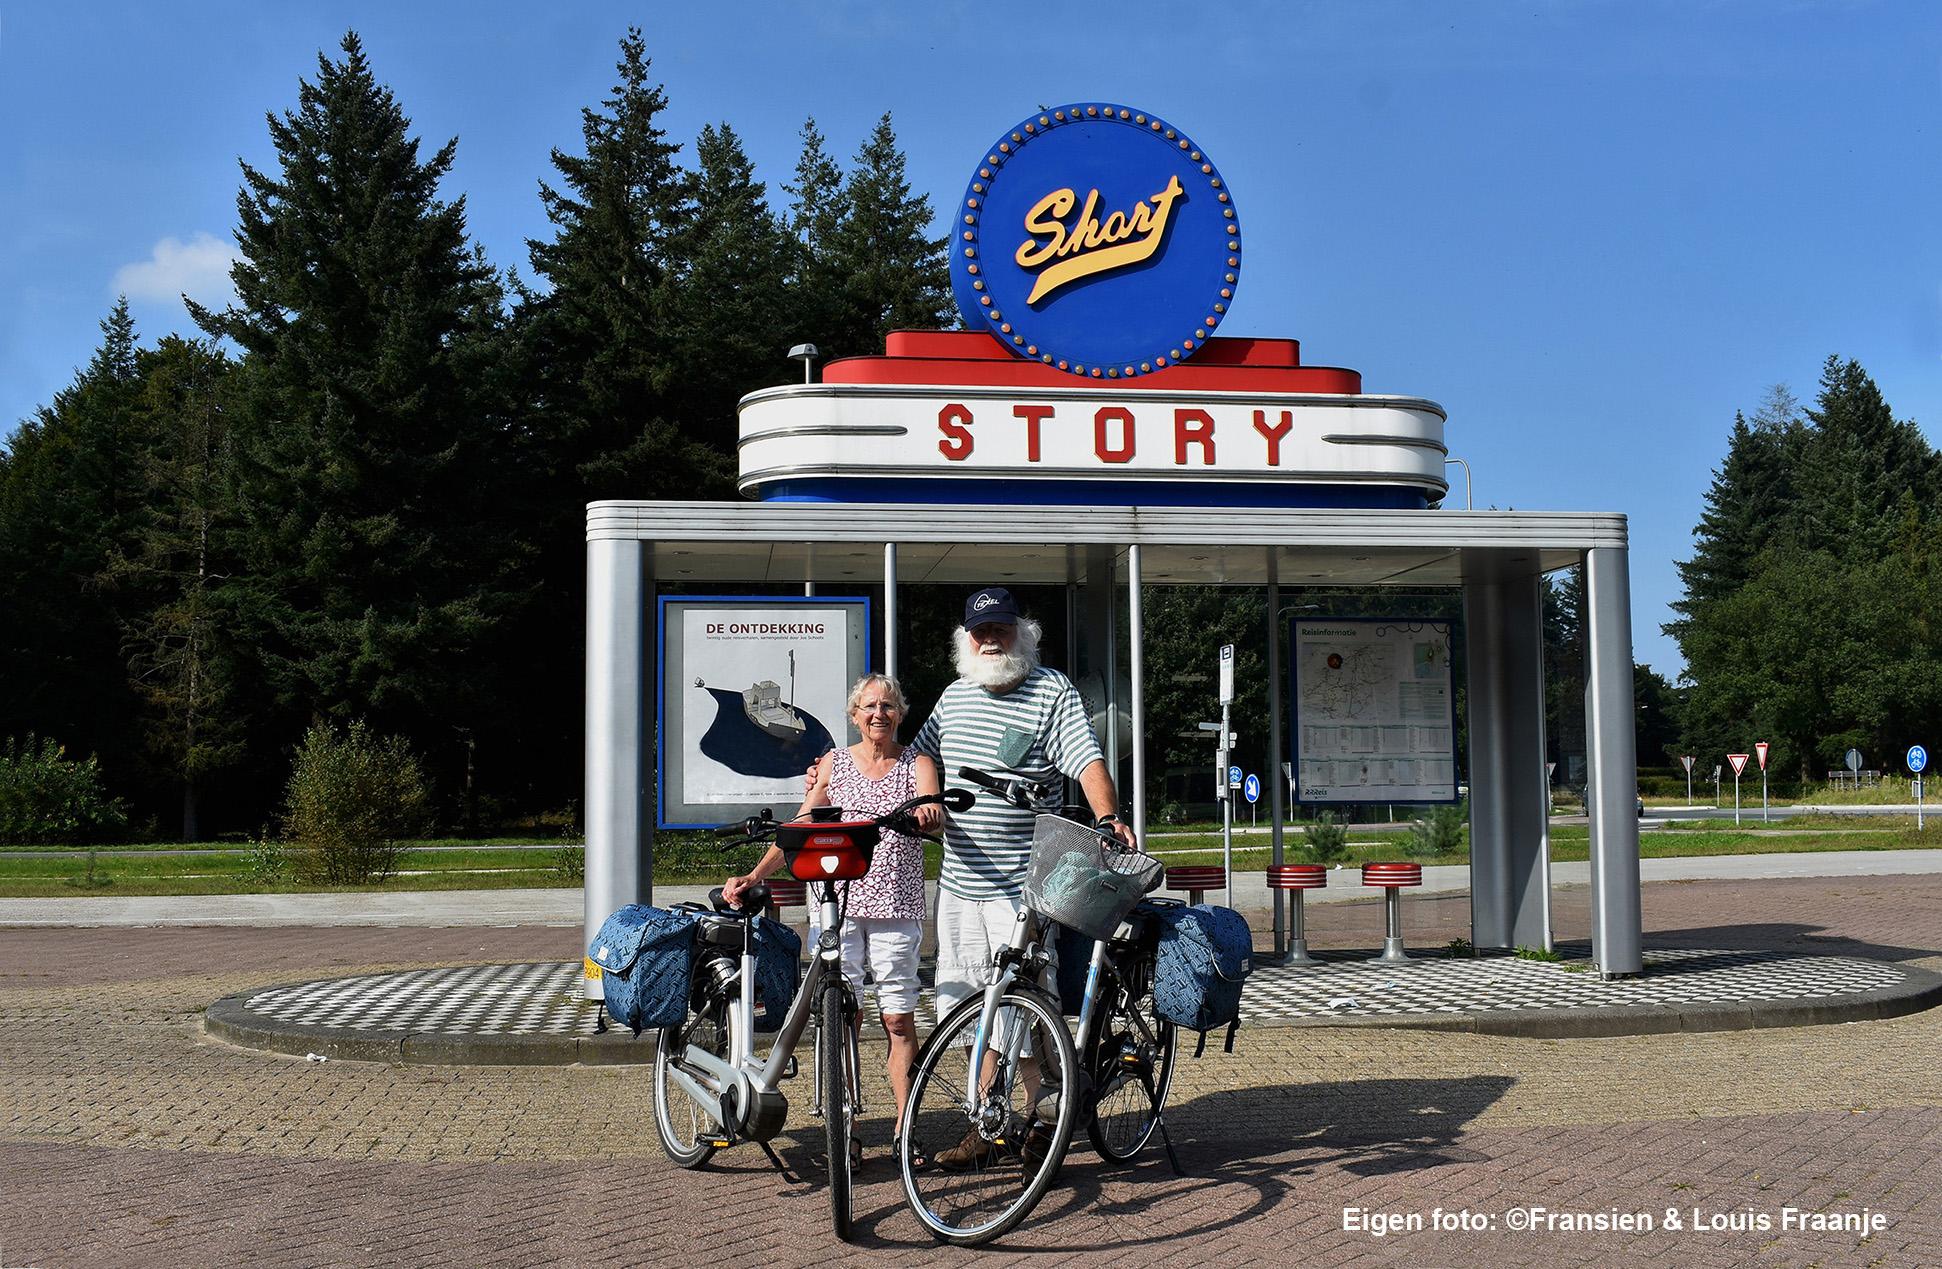 Bij de abri Short Story(kort verhaal) op het transferium Wittenberg in Garderen - Eigen foto: ©Fransien en Louis Fraanje